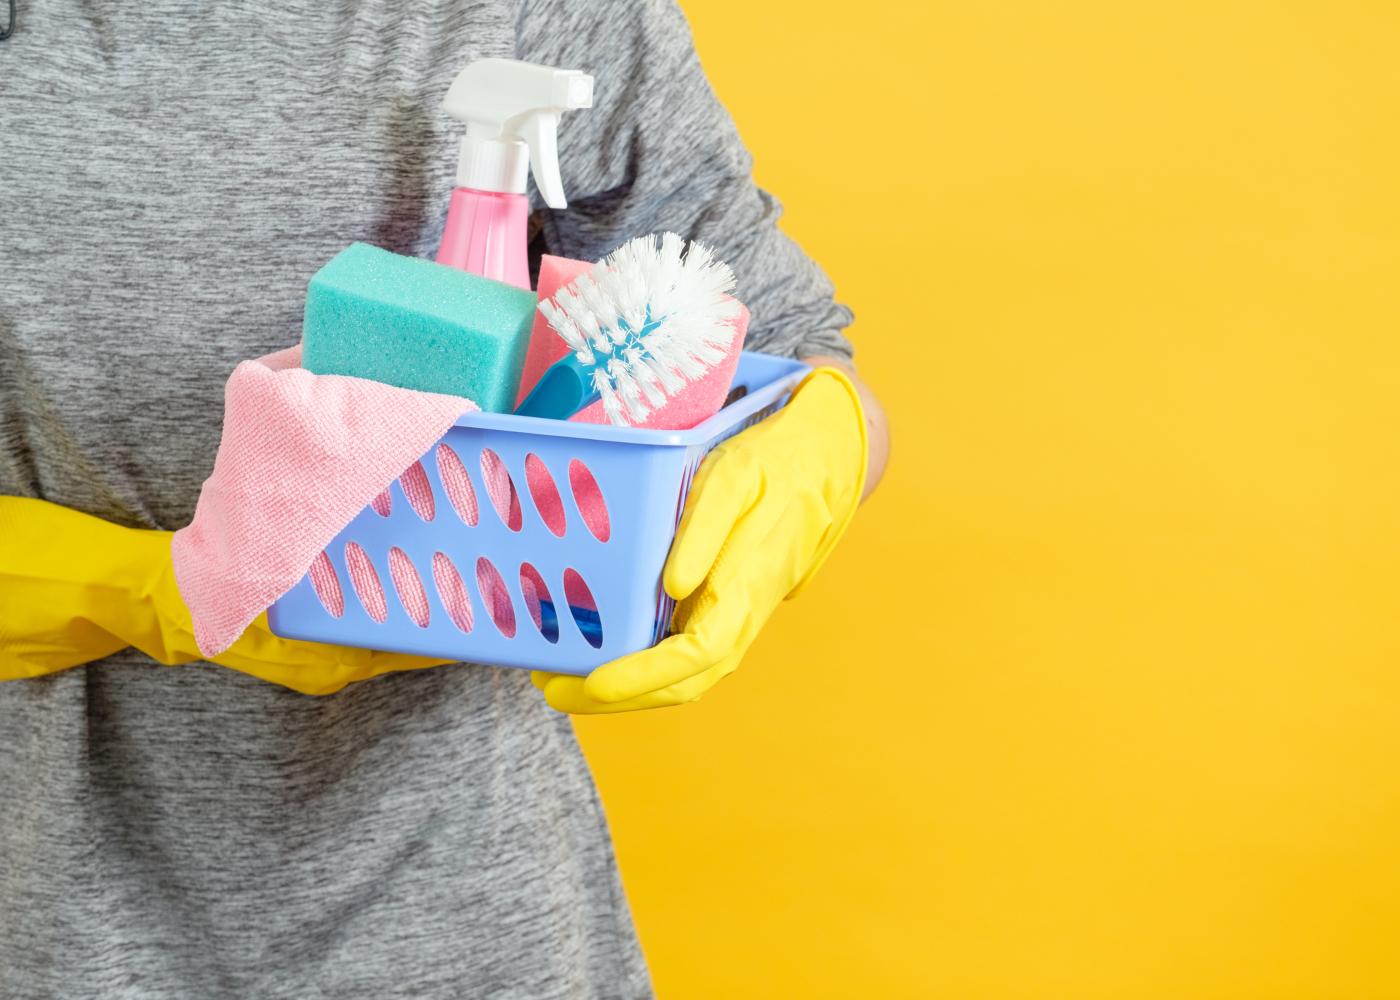 pessoa a segurar produtos de limpeza